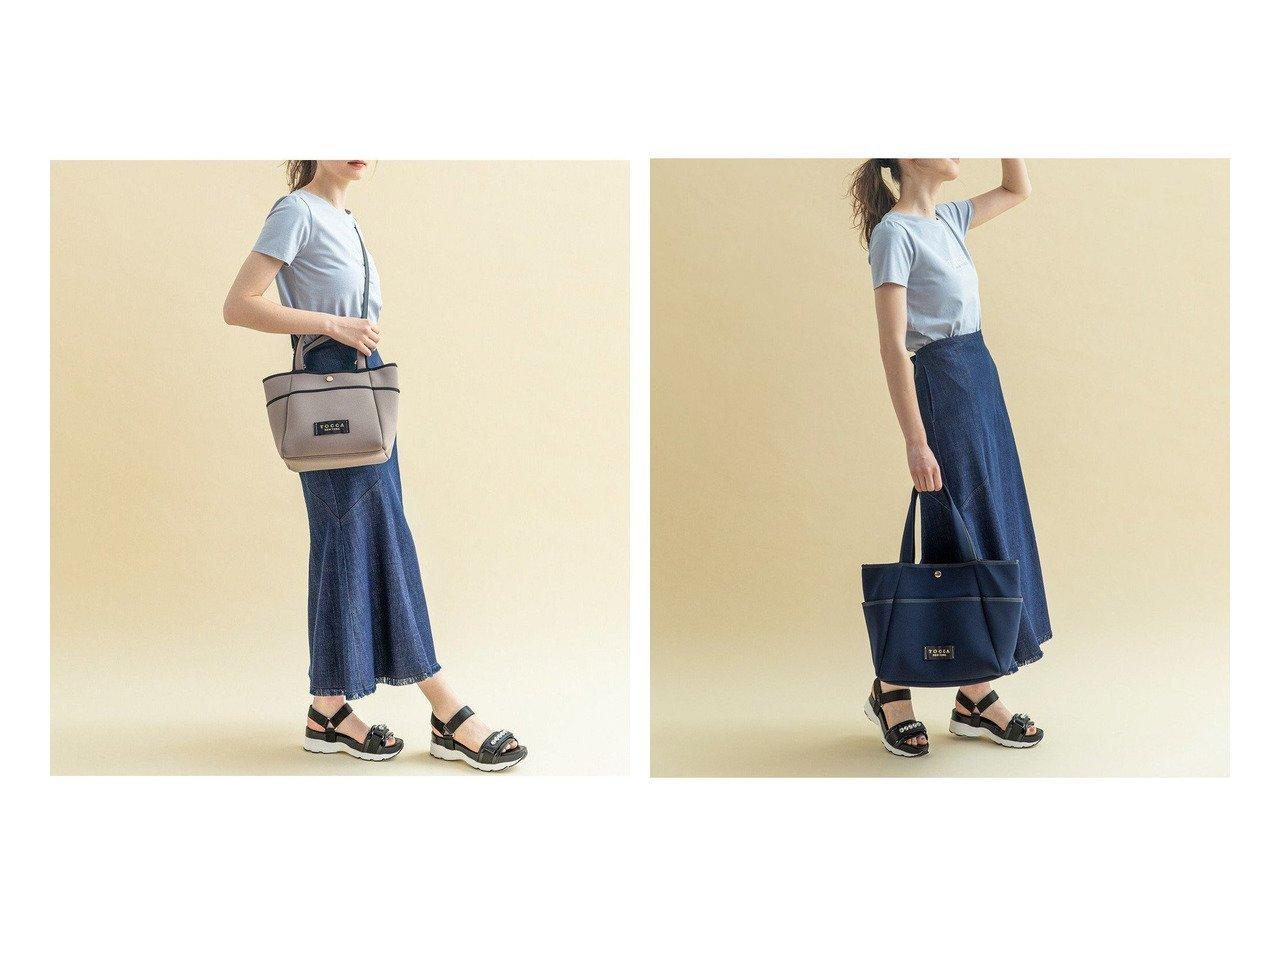 【TOCCA/トッカ】のCOSTZ TOTE S トートバッグ S&COSTA TOTE L トートバッグ L 【バッグ・鞄】おすすめ!人気、トレンド・レディースファッションの通販 おすすめで人気の流行・トレンド、ファッションの通販商品 インテリア・家具・メンズファッション・キッズファッション・レディースファッション・服の通販 founy(ファニー) https://founy.com/ ファッション Fashion レディースファッション WOMEN バッグ Bag アウトドア クッション クラウン シンプル スーツ 財布 トリミング ポケット ラップ リゾート リュクス ワンポイント 送料無料 Free Shipping |ID:crp329100000049435